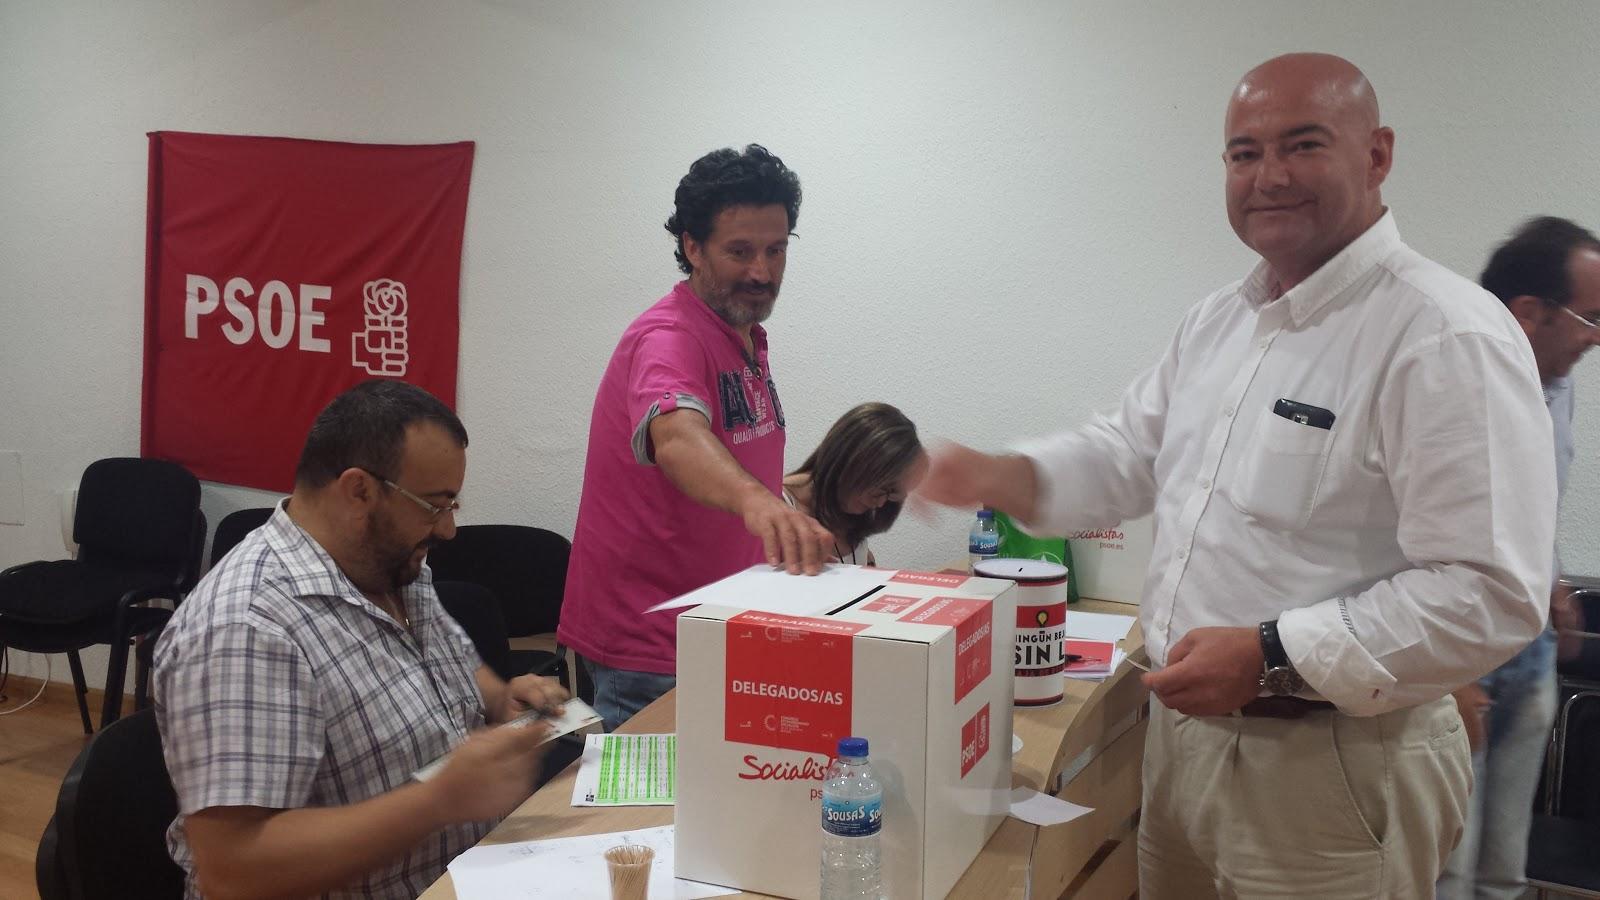 El secretario general emite su voto durante las eleccionesa la secretaria general del partido